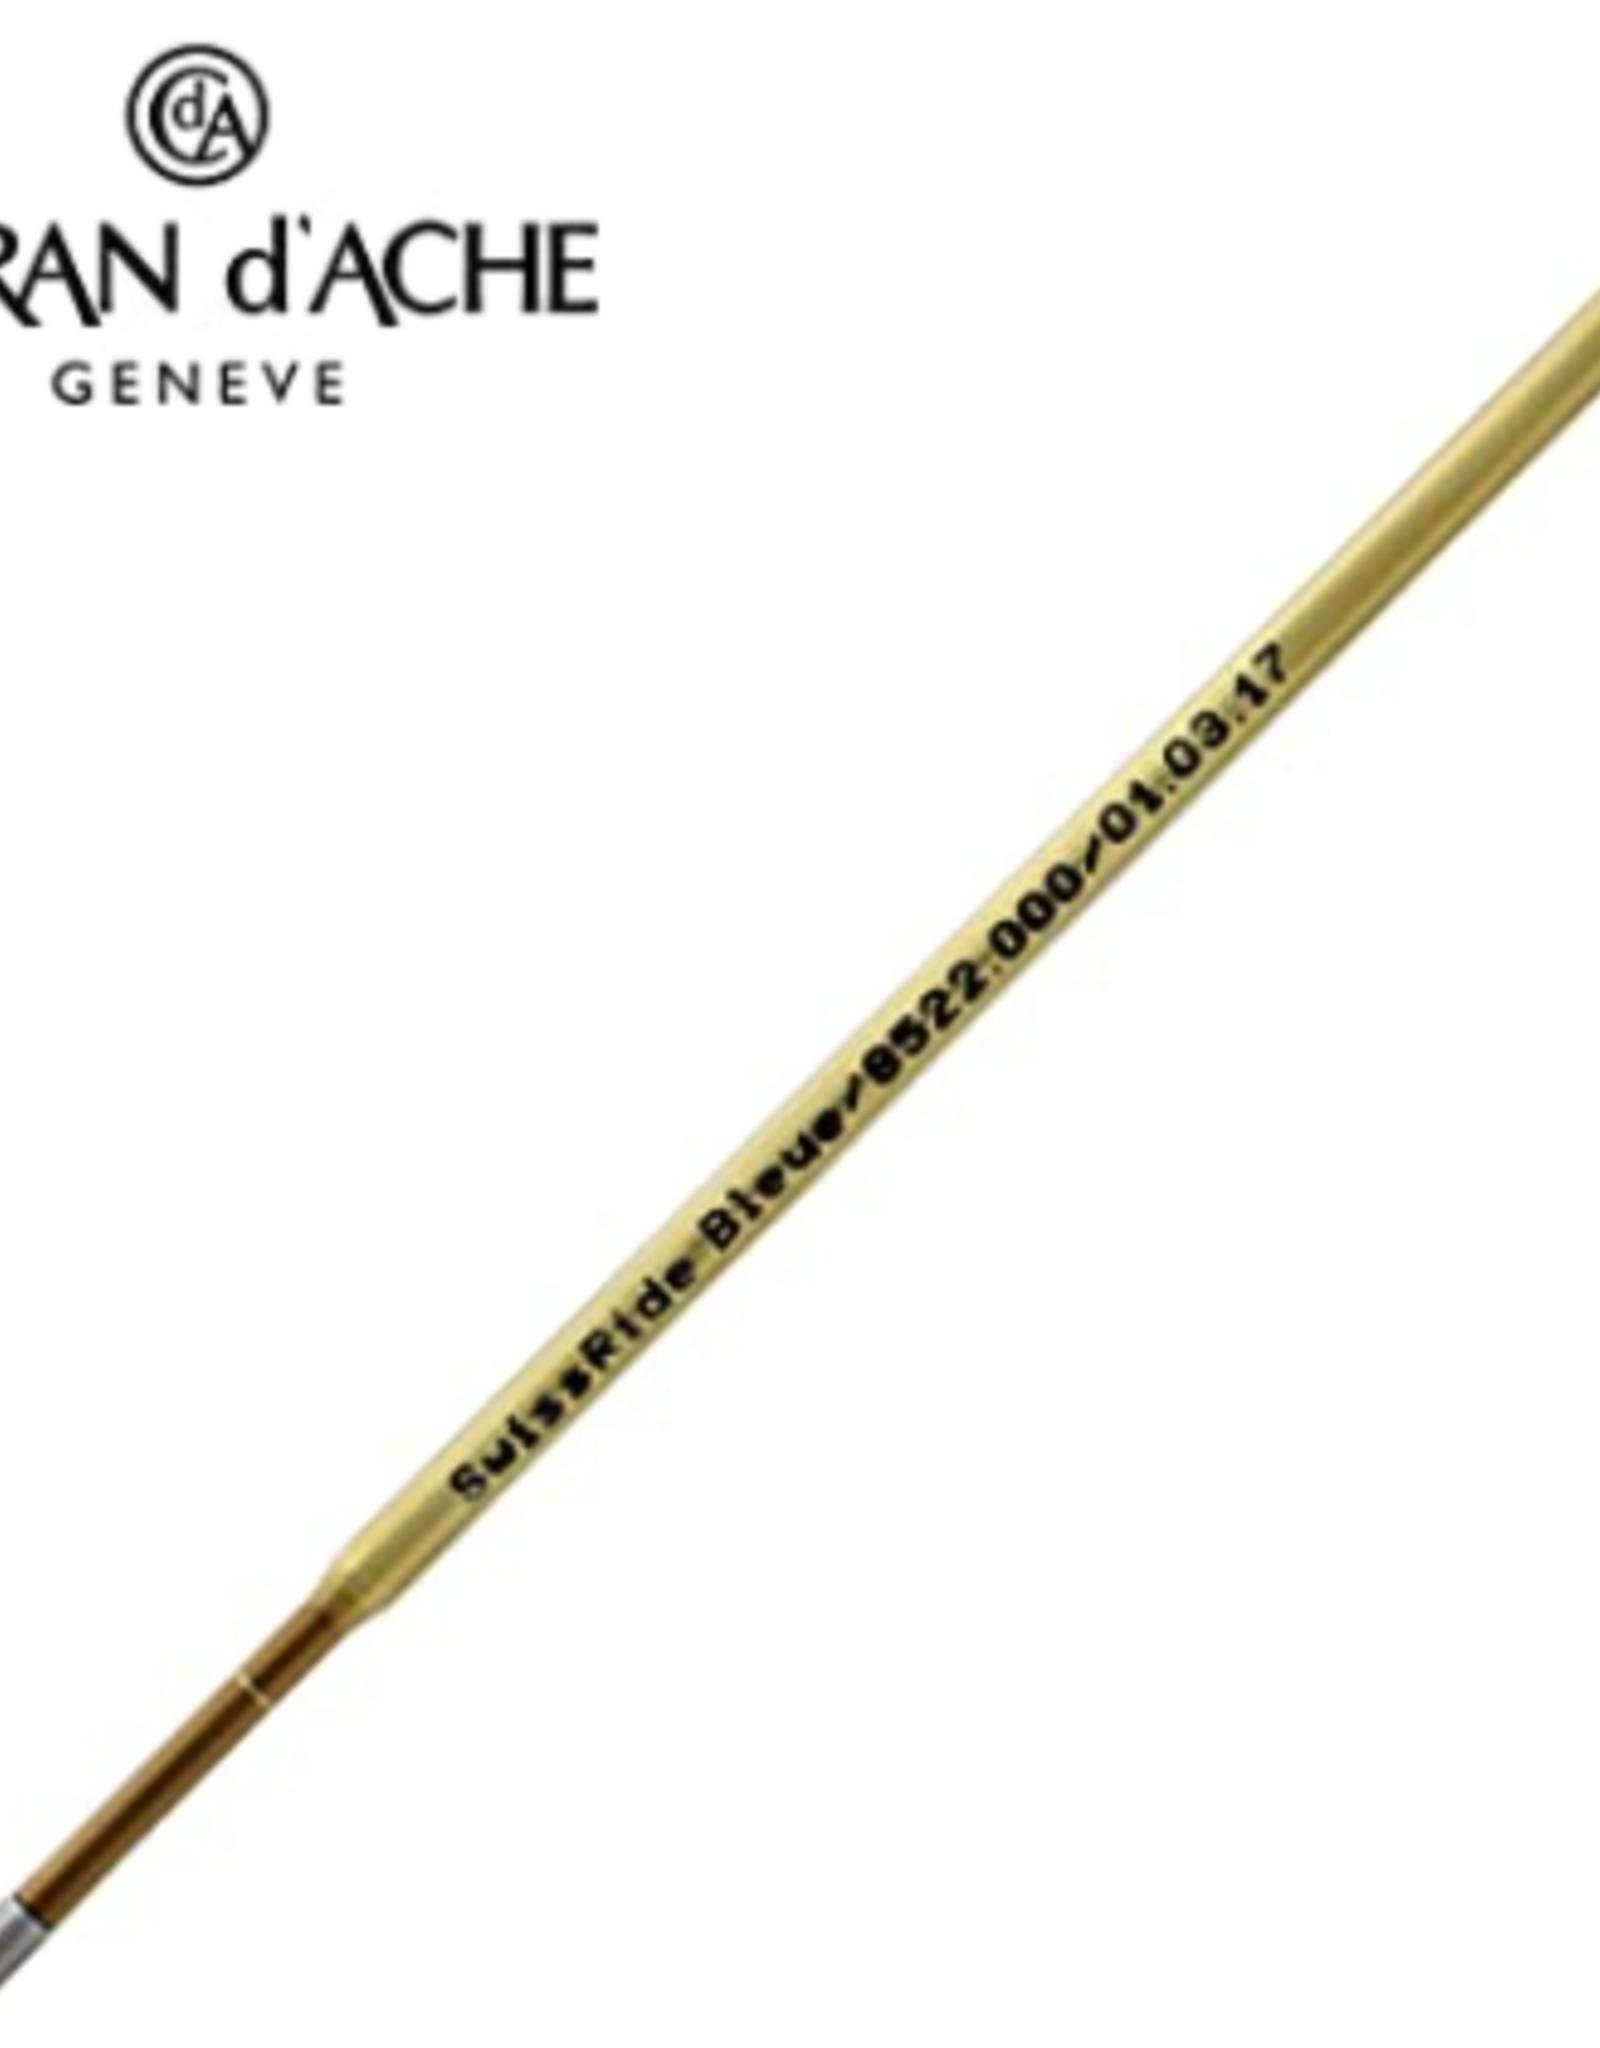 Caran d'Ache Caran d'Ache Swissride Ballpoint Pen Refill (888)